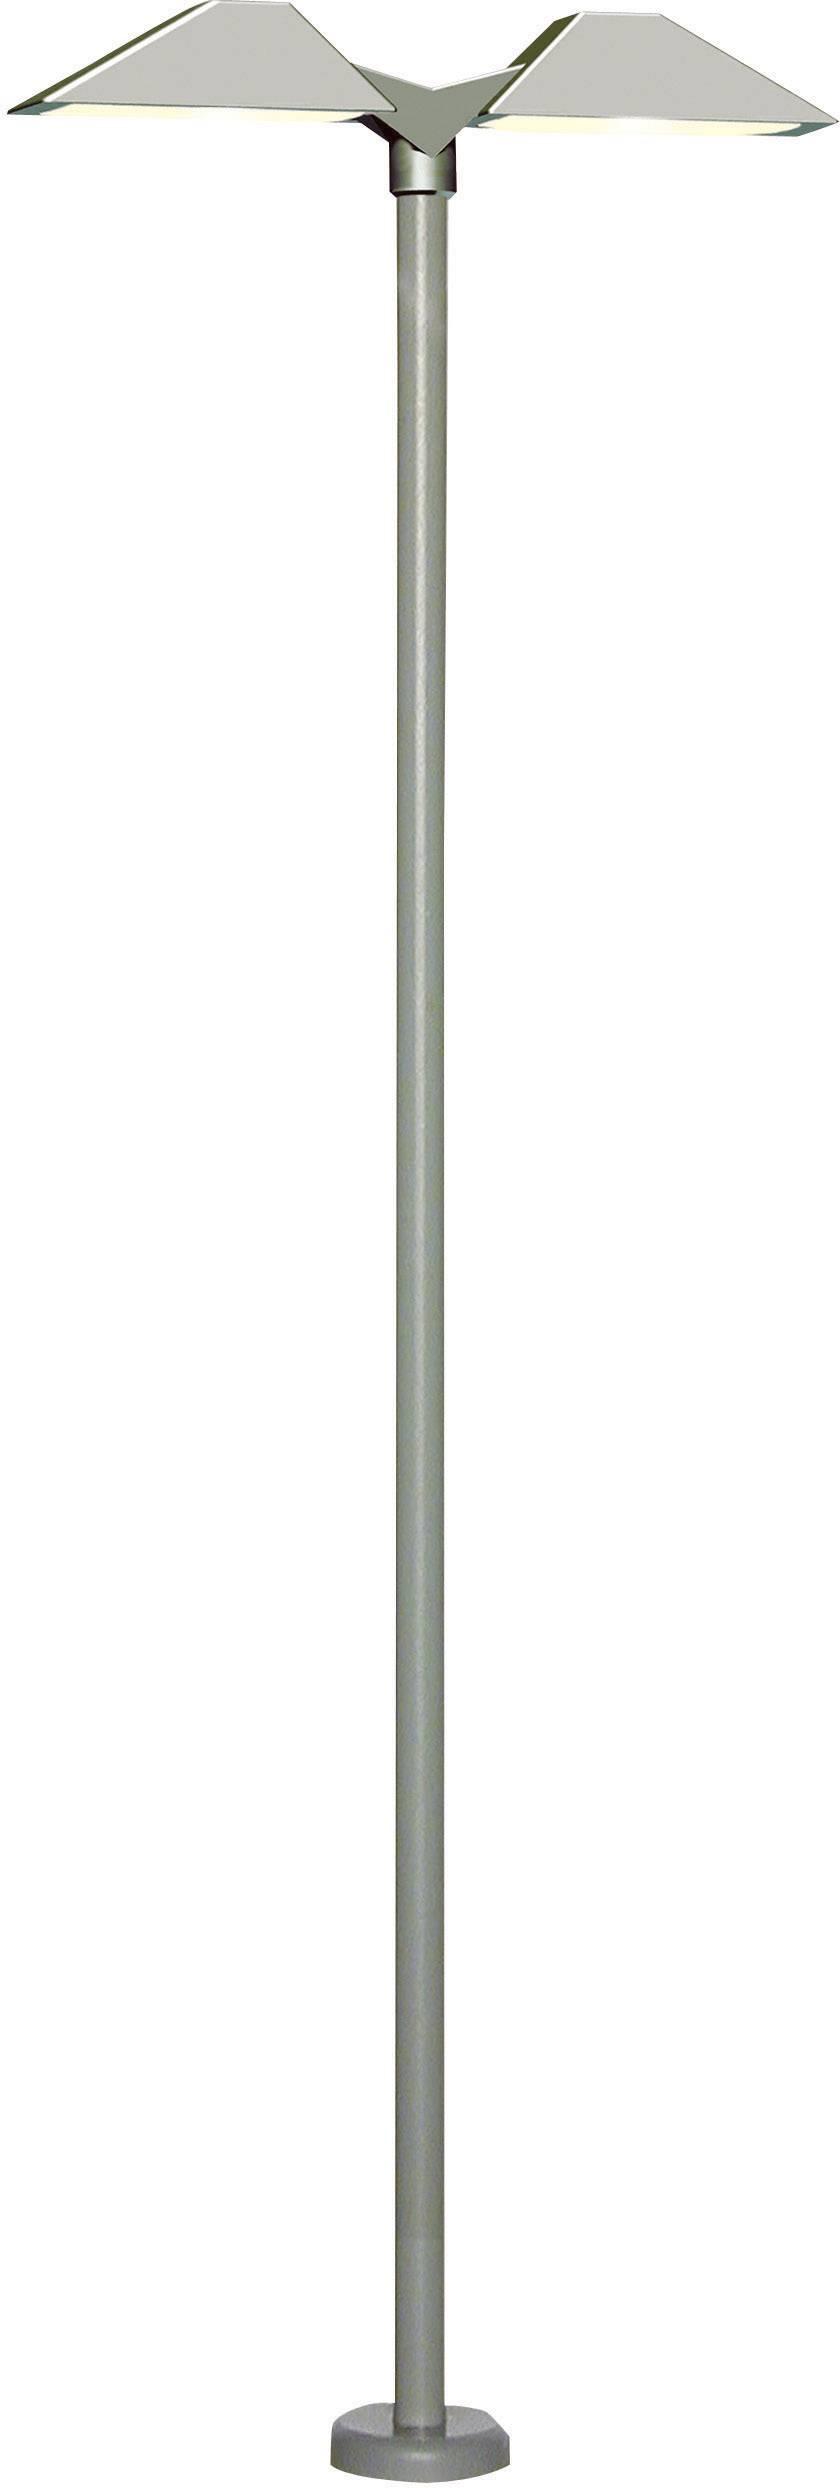 Lampione per piattaforma binari dop